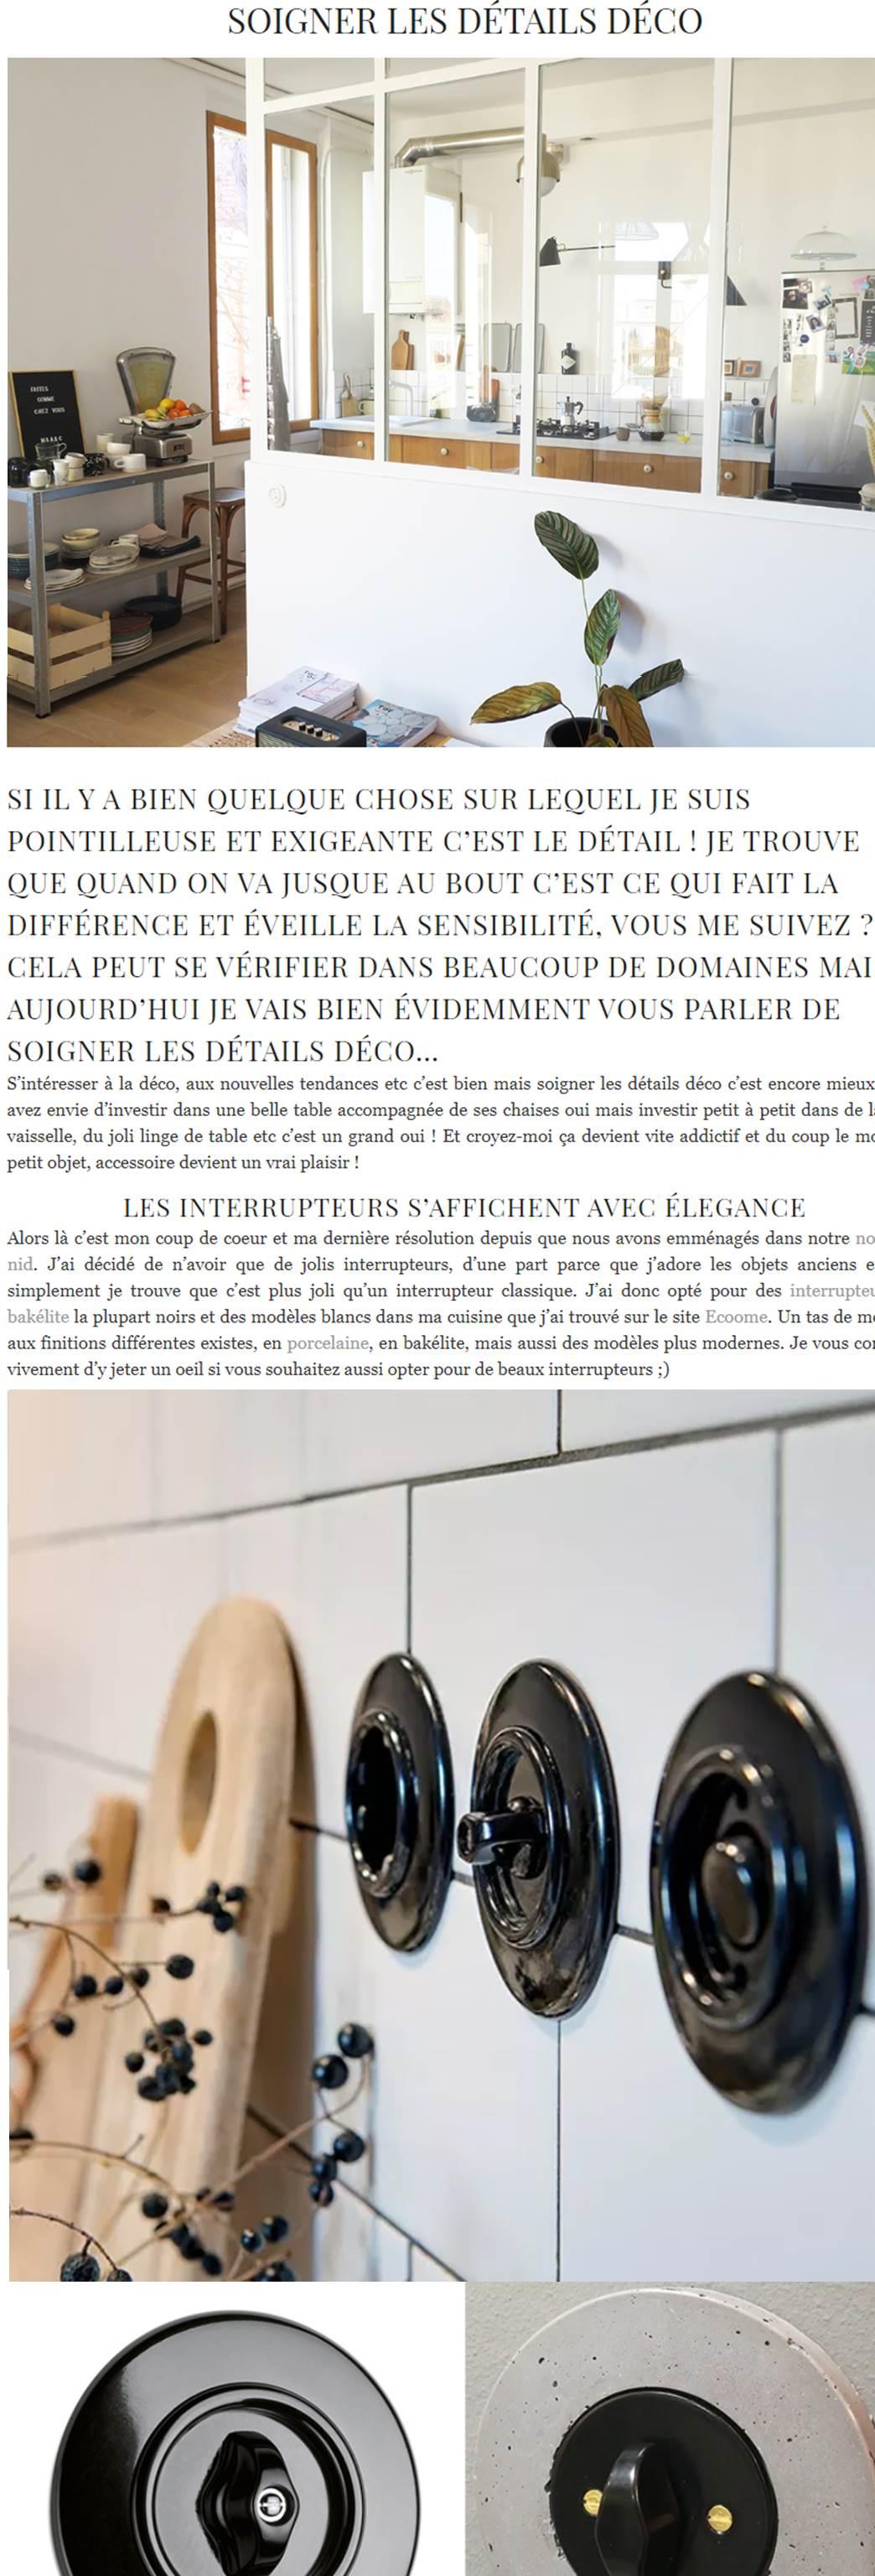 Article du blog déco lifestyle Blueberry Home sur les interrupteurs distribués par Ecoome sur www.interrupteur-pour-tous.fr